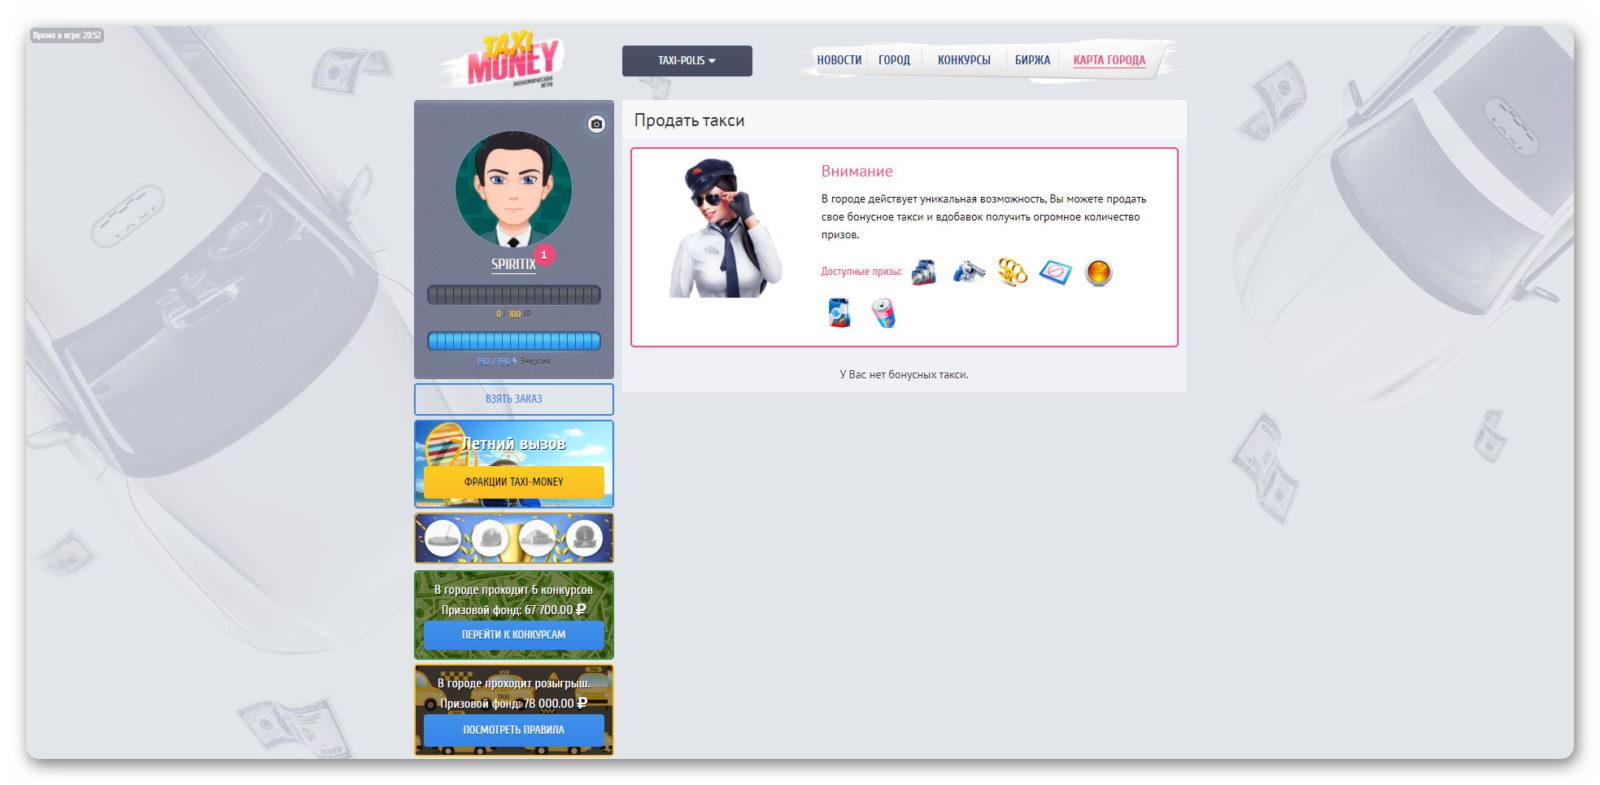 Продажа бонусных авто в игре Taxi-Money